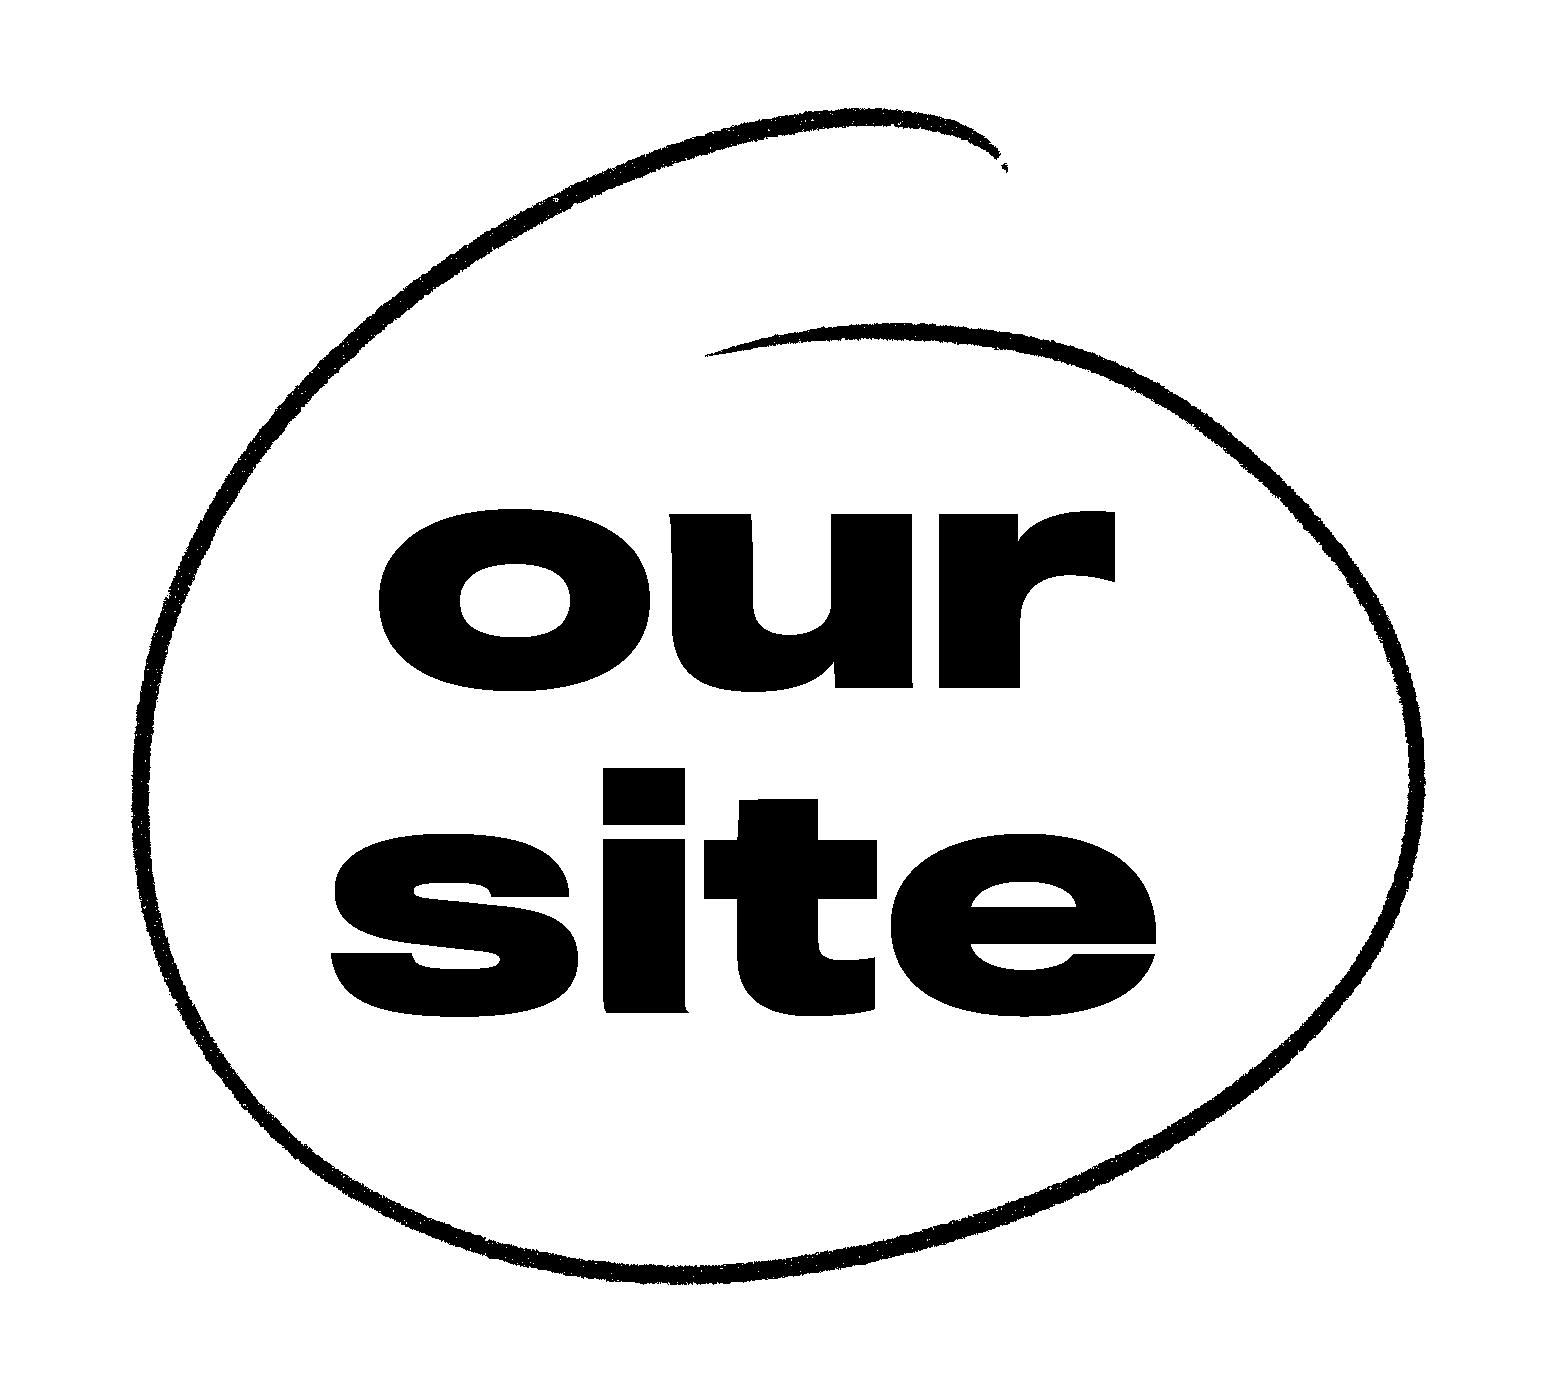 Black Our Site logo